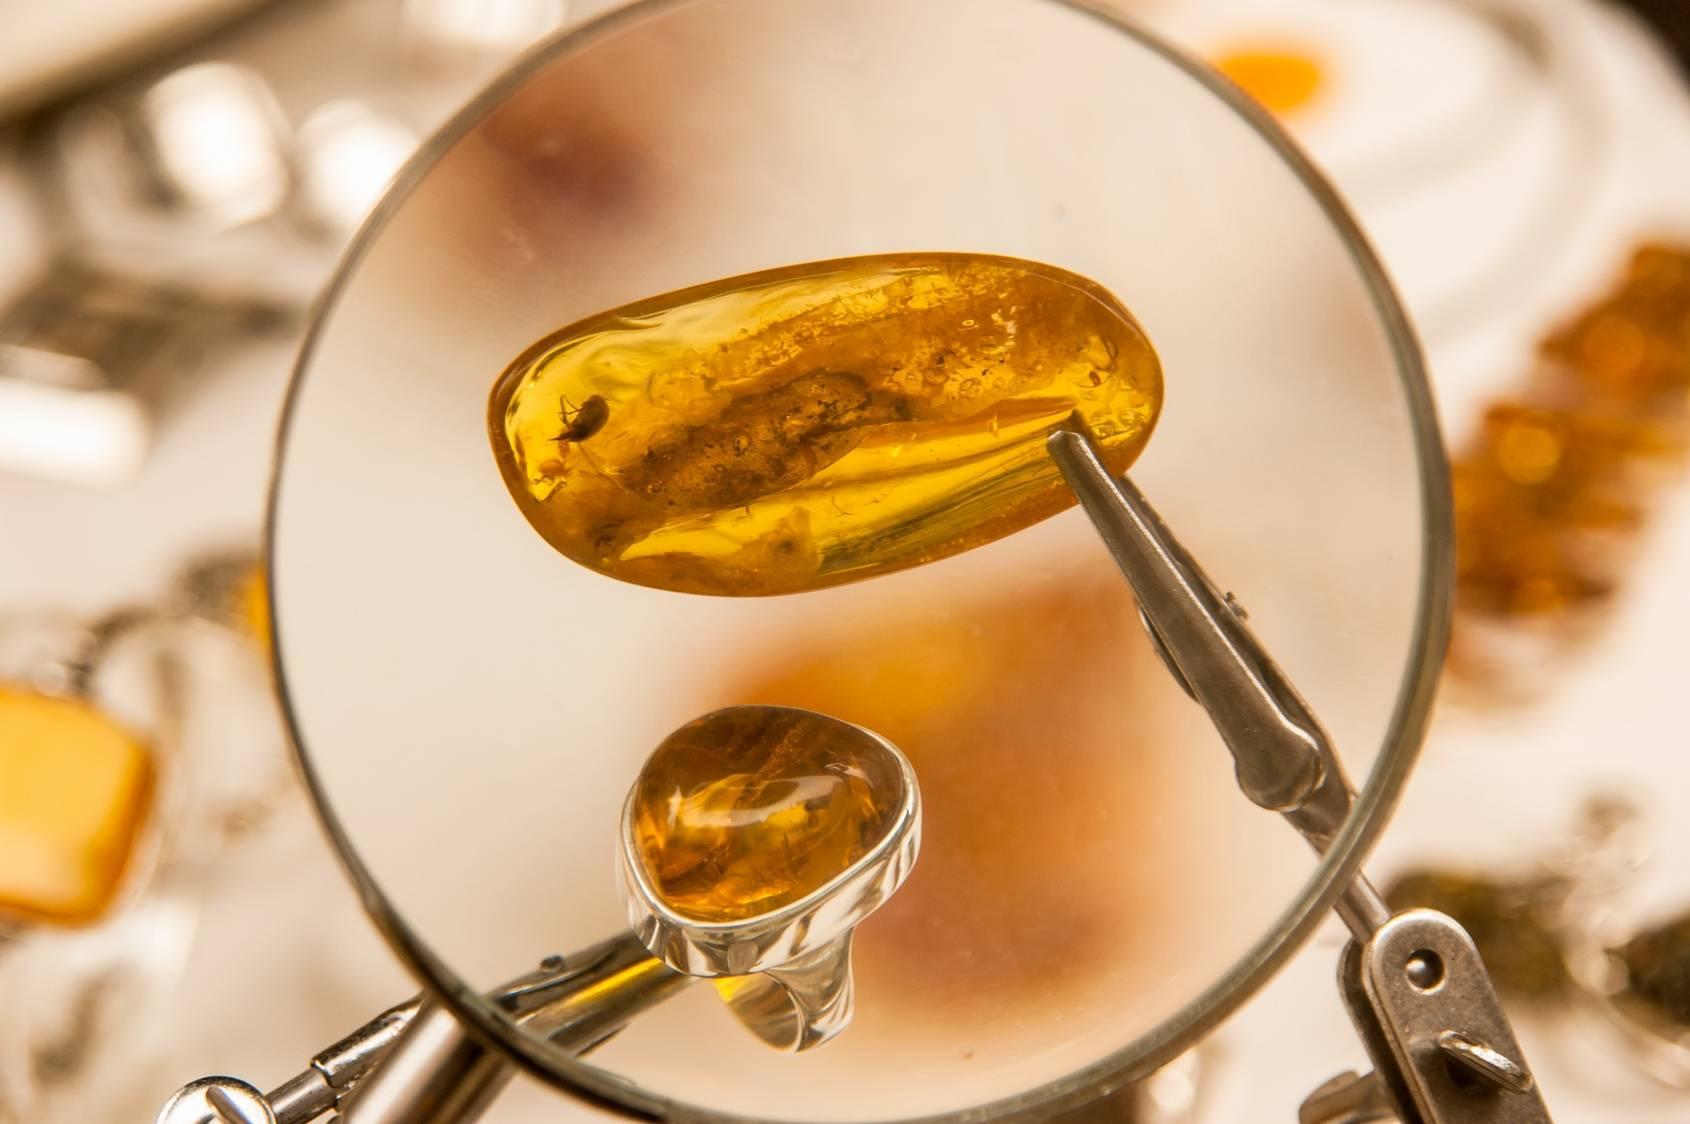 Bursztyn - właściwości lecznicze. Jak rozpoznać bursztyn?